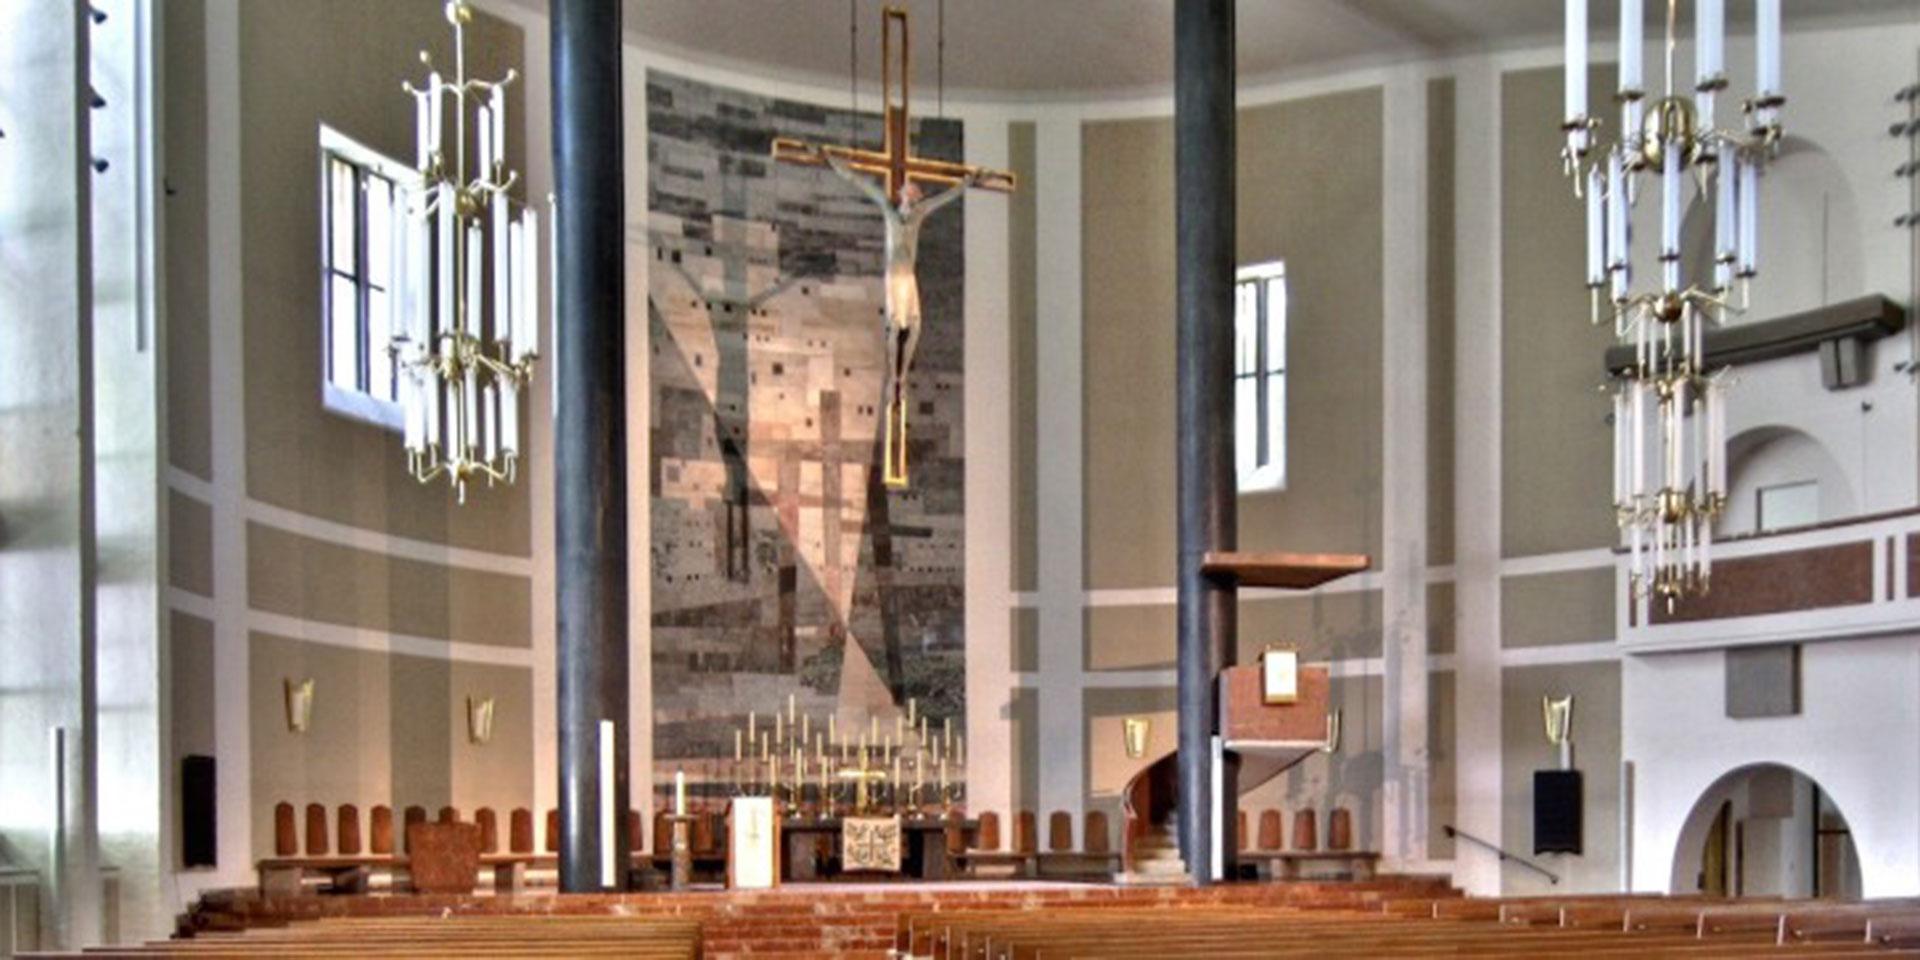 Innenansicht, Evangelische Haupt- und Bischofskirche St. Matthäus